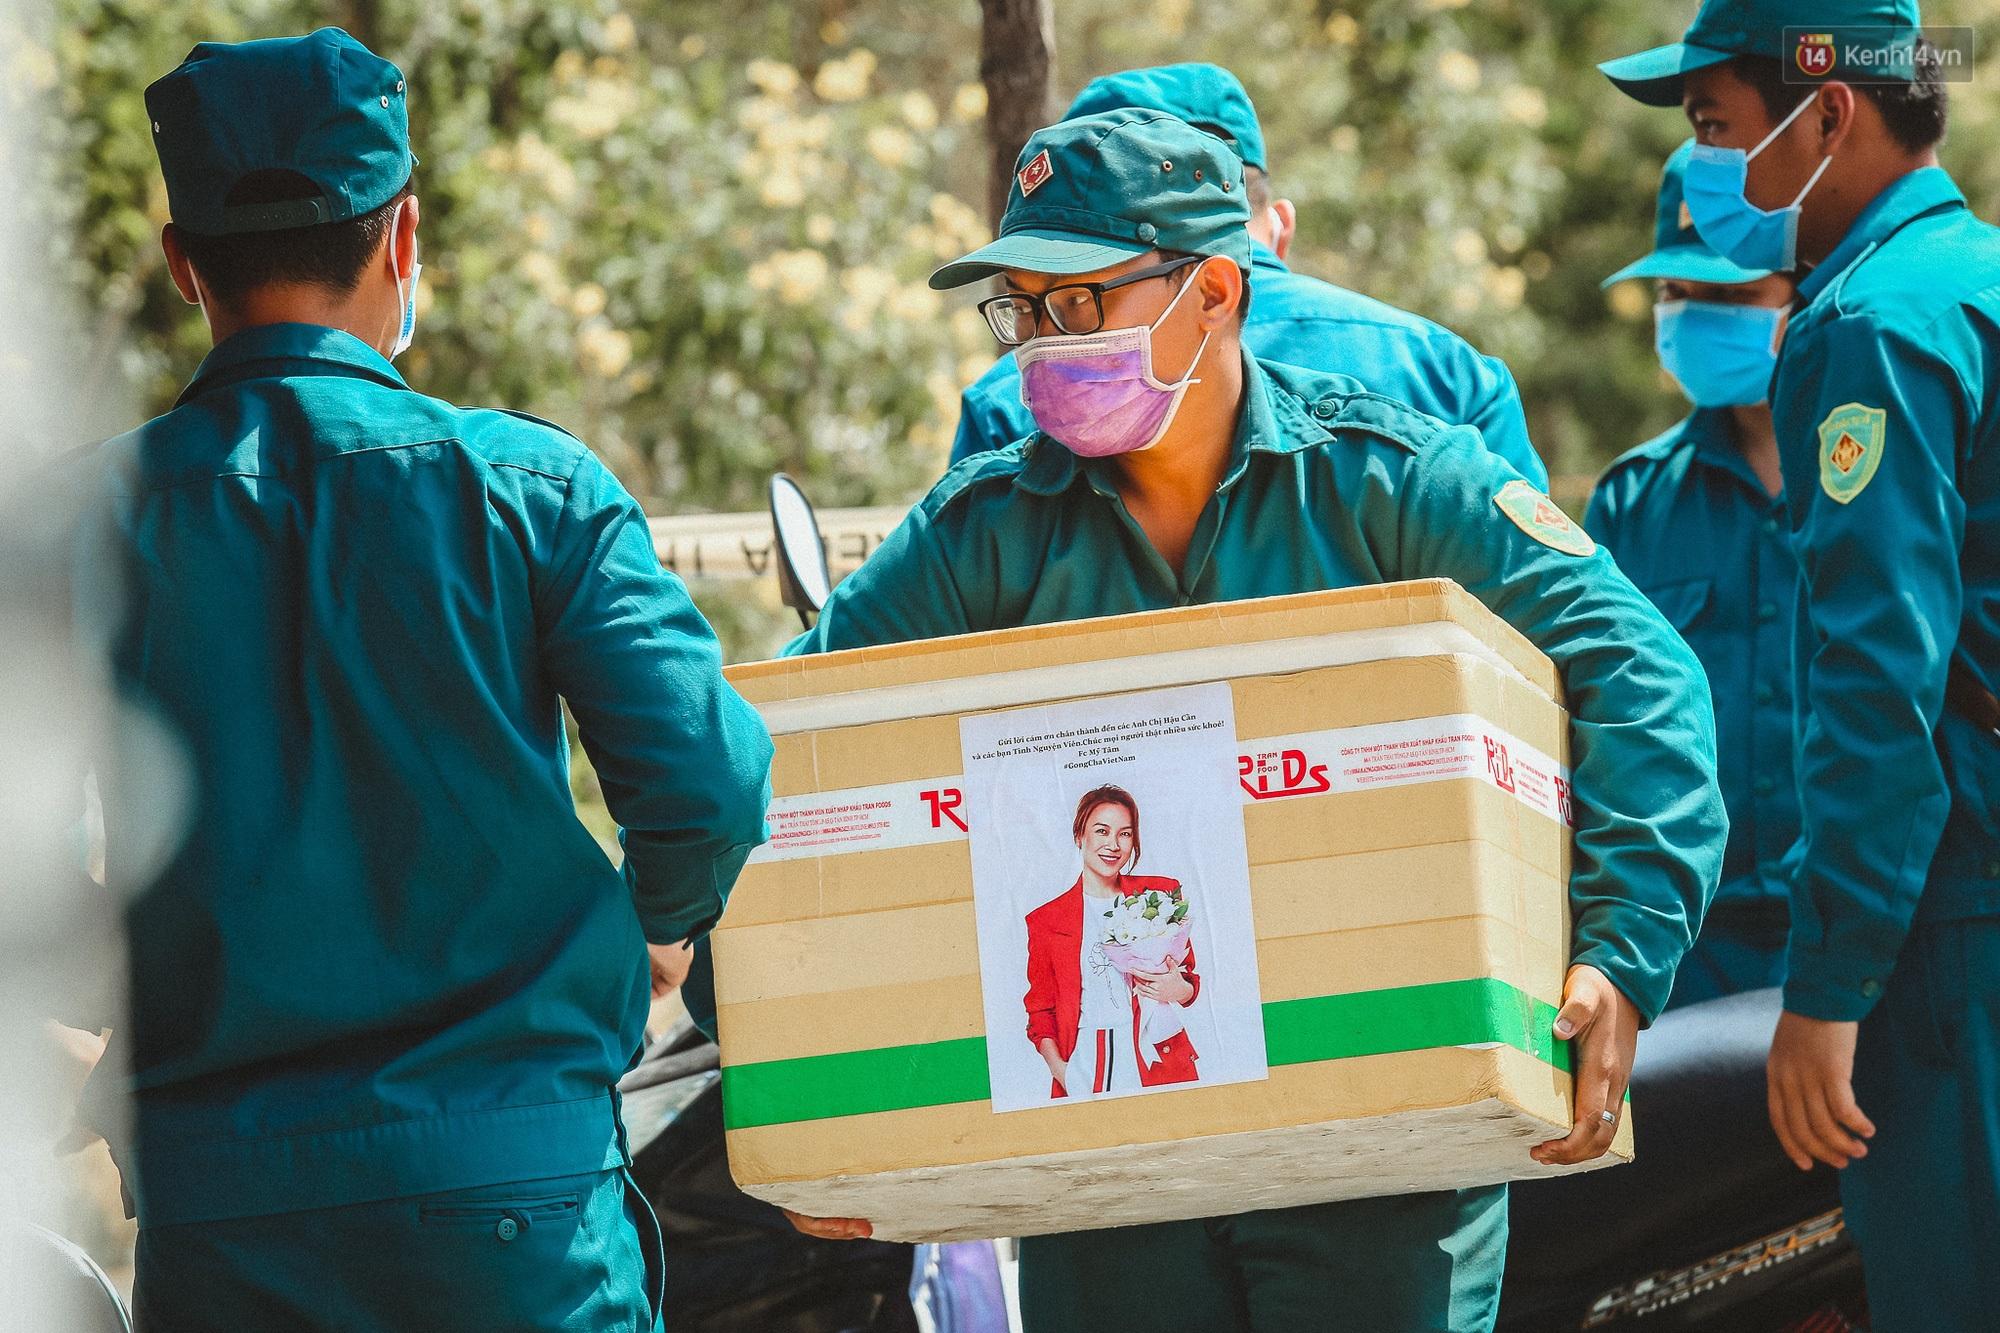 Người cách ly ở KTX âm thầm mua sữa tặng các anh dân quân tự vệ để cảm ơn vì ngày đêm chuyển hàng viện trợ - Ảnh 3